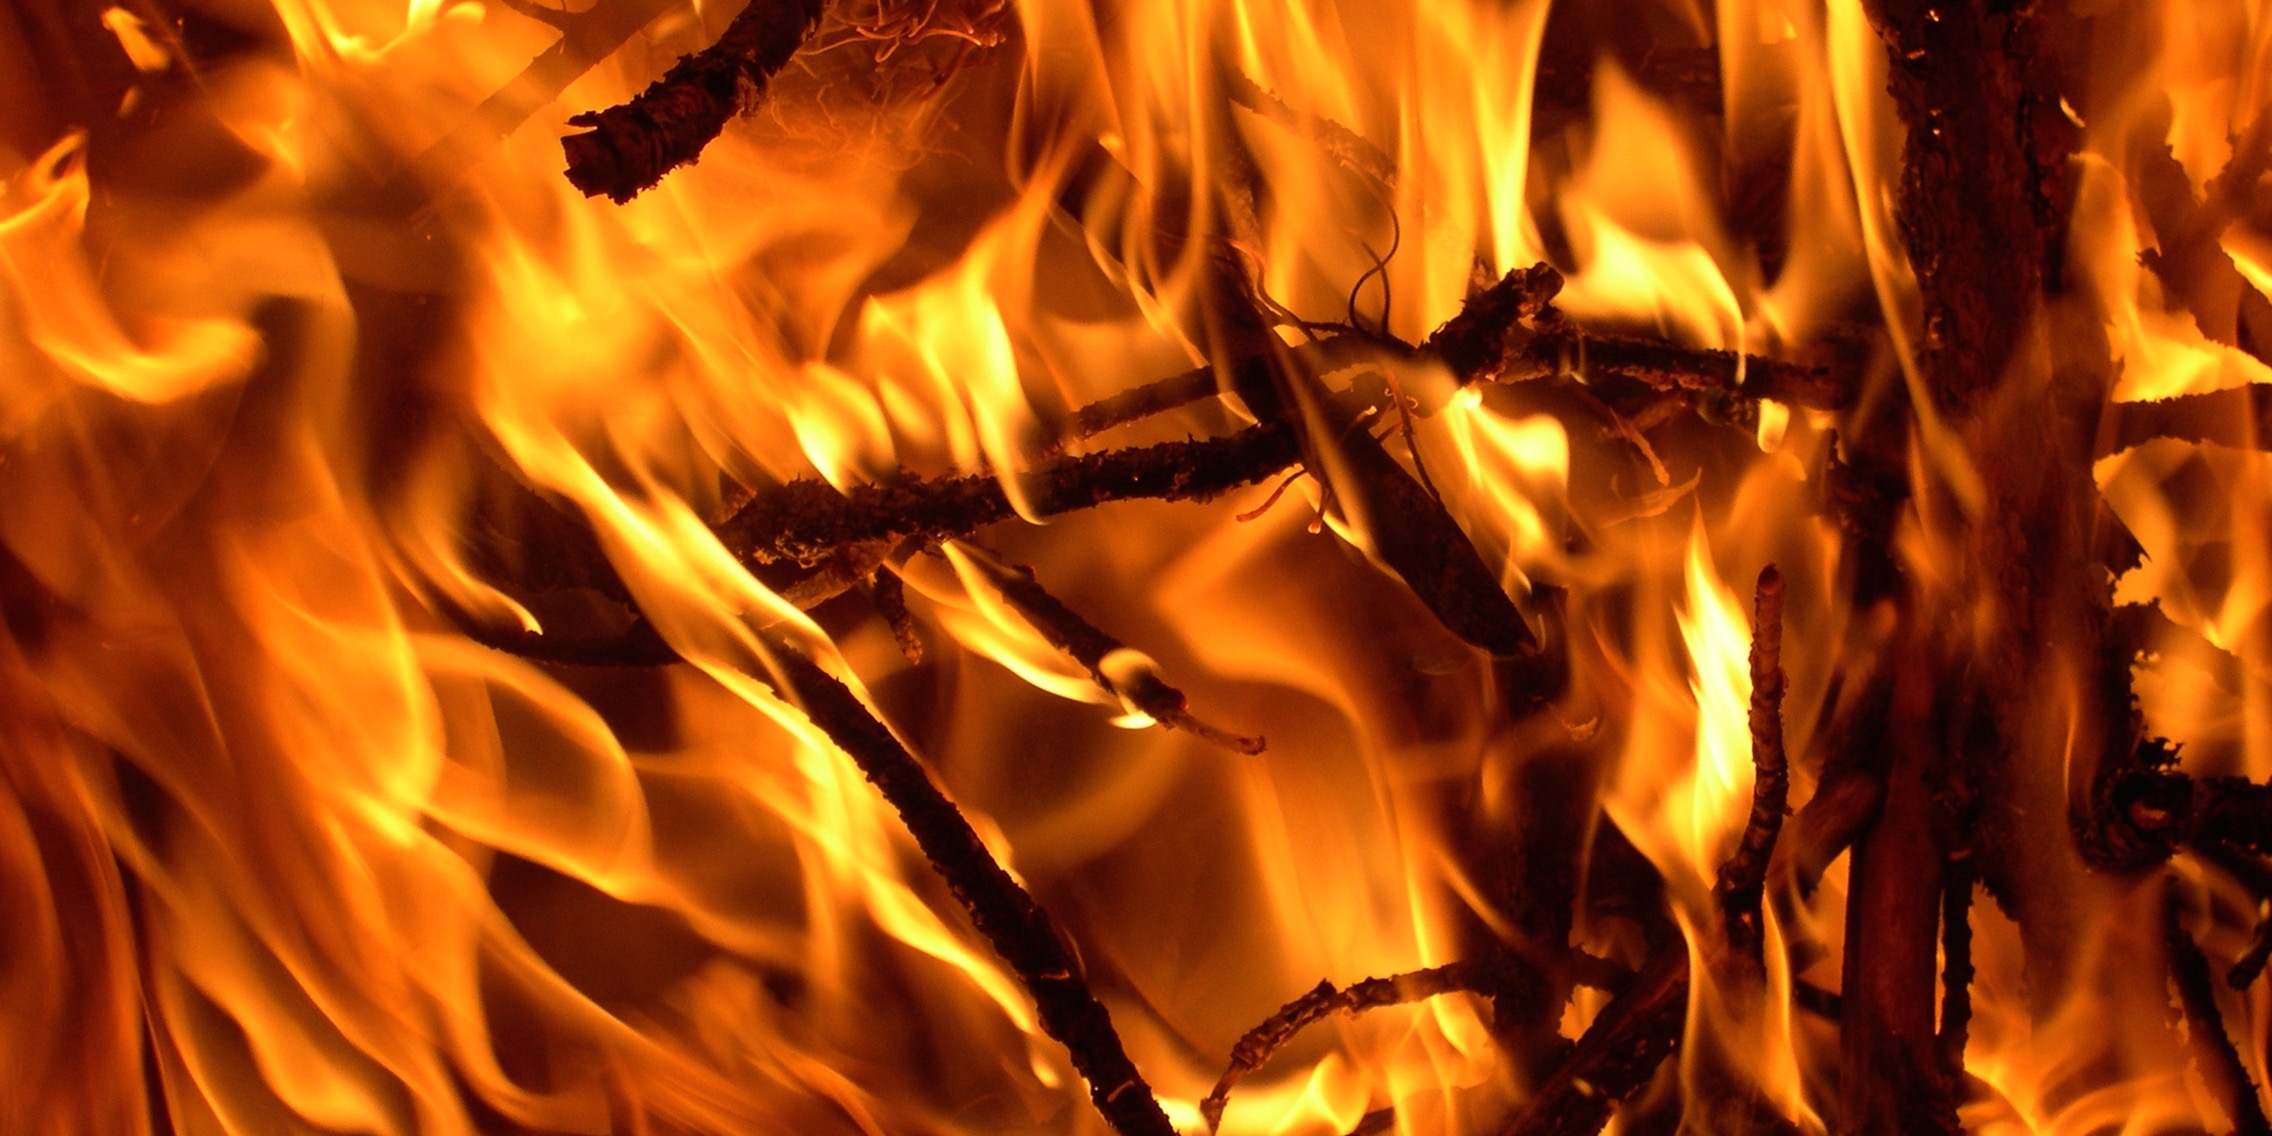 FIRE_01